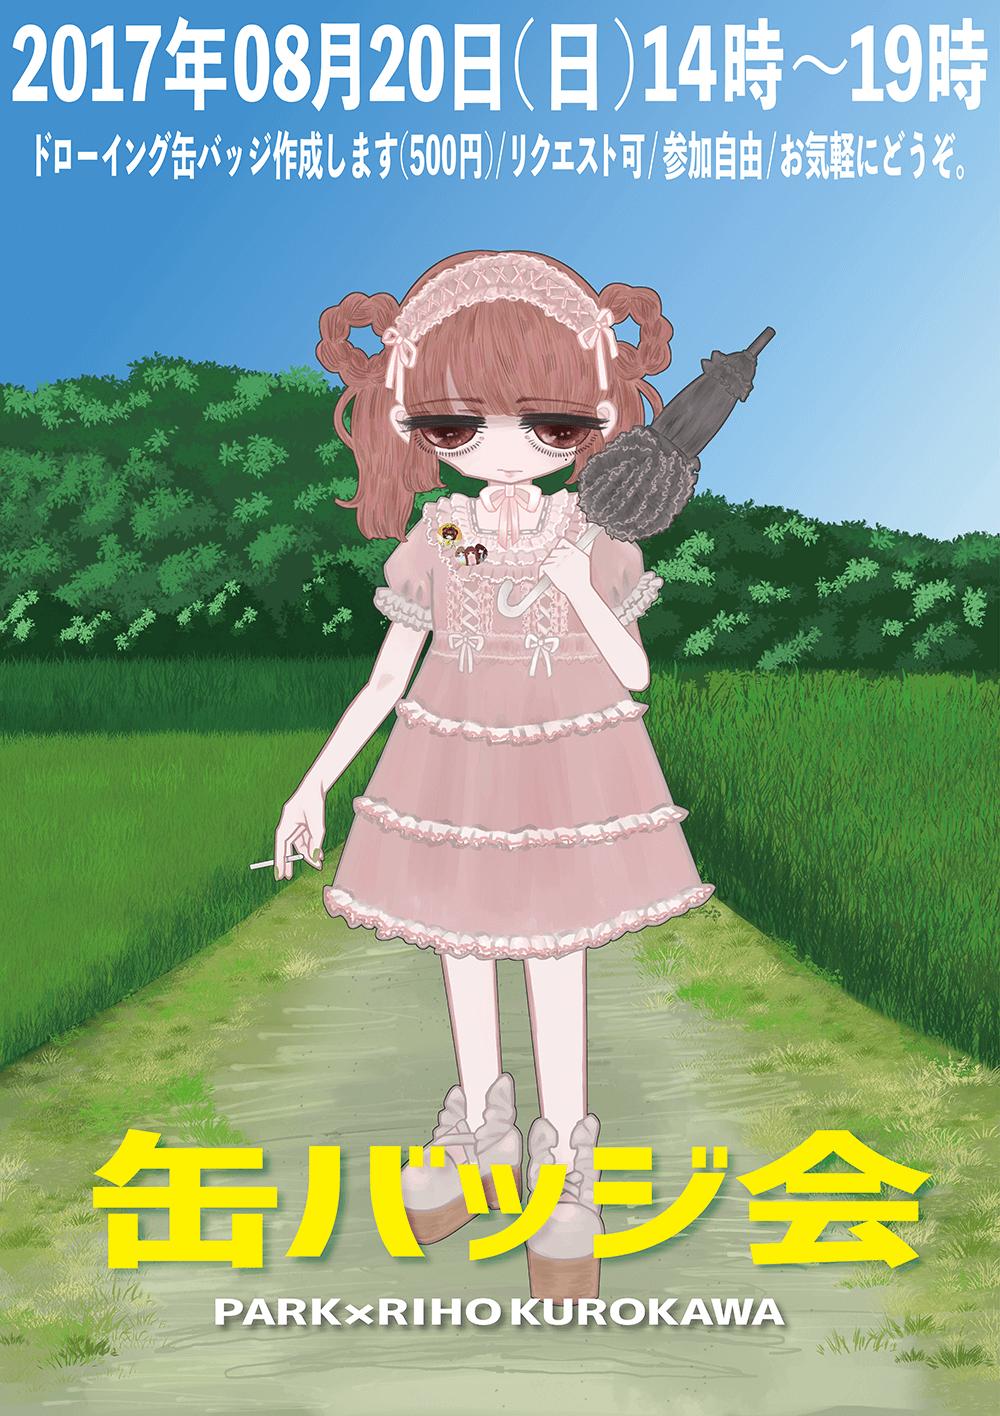 Riho Kurokawa ドローイング缶バッジ会vol.8